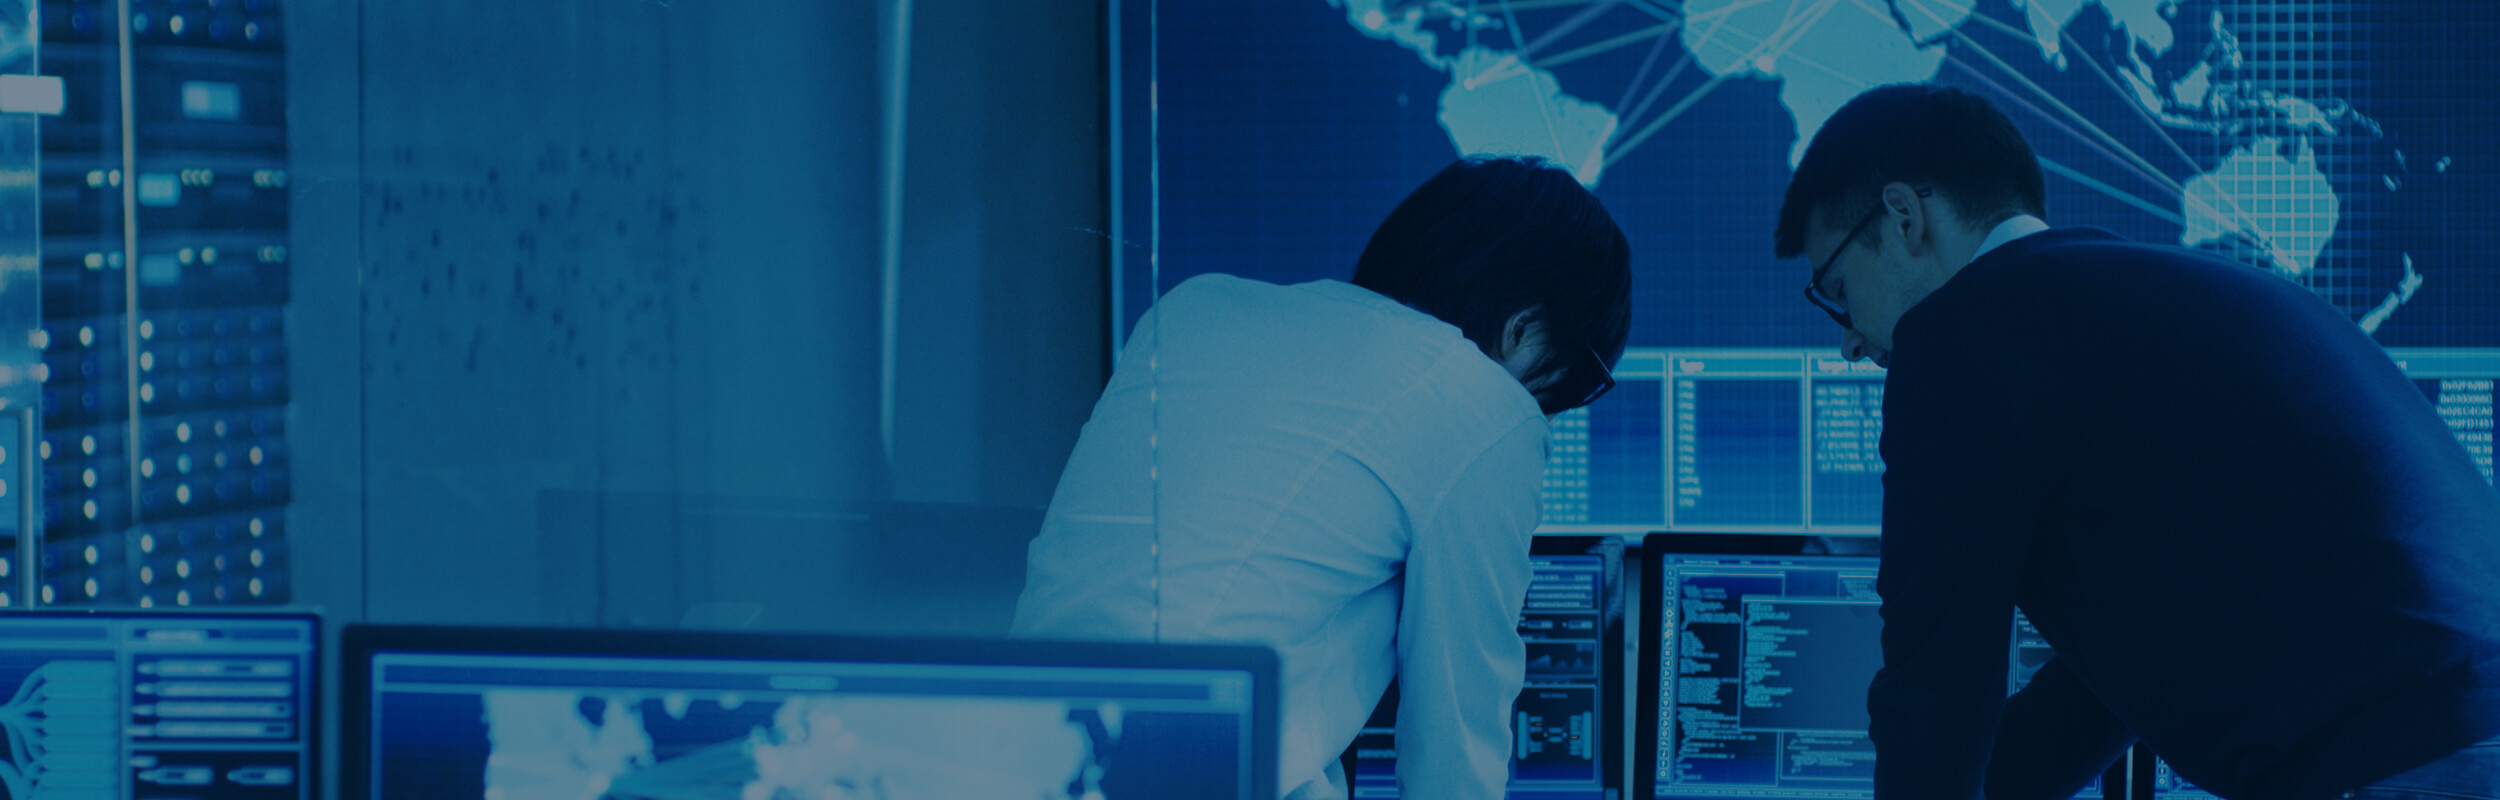 Database Administrator Jobs